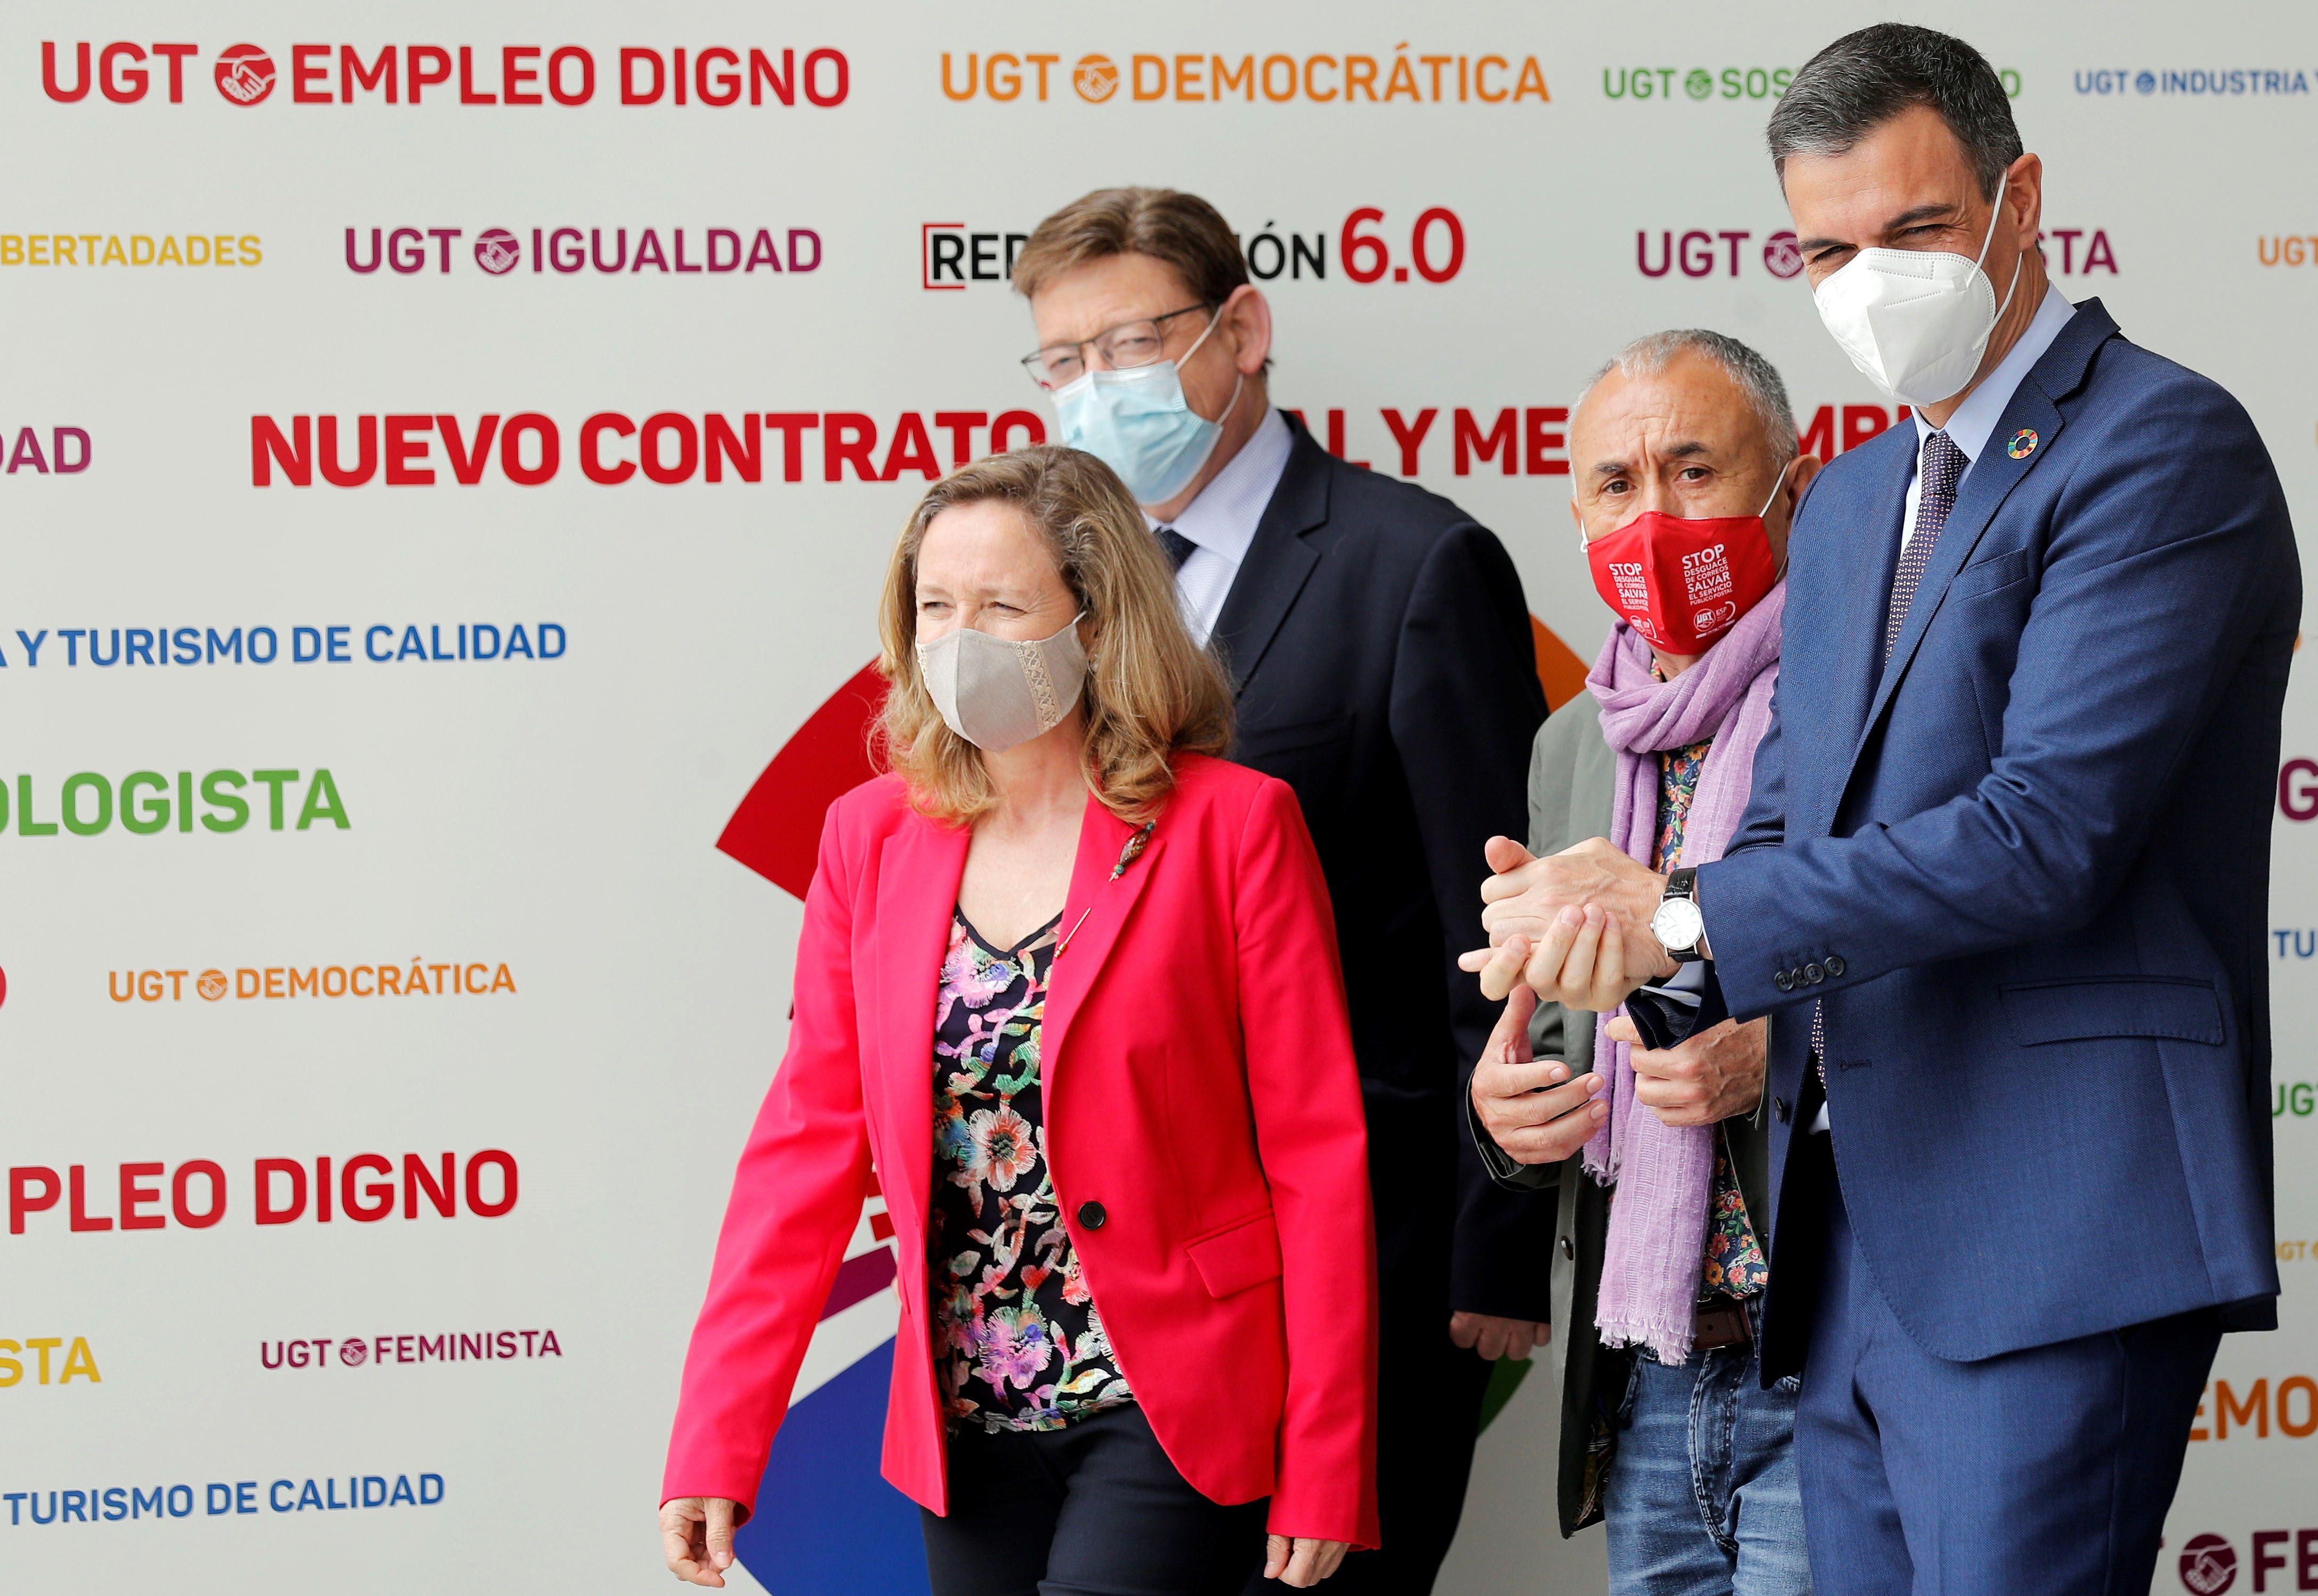 El presidente del Gobierno, Pedro Sánche, el secretario general de UGT, Pepe Álvarez, la vicepresidenta Nadia Calviño y el president de la Generalitat, Ximo Puig, ayer en Valencia.